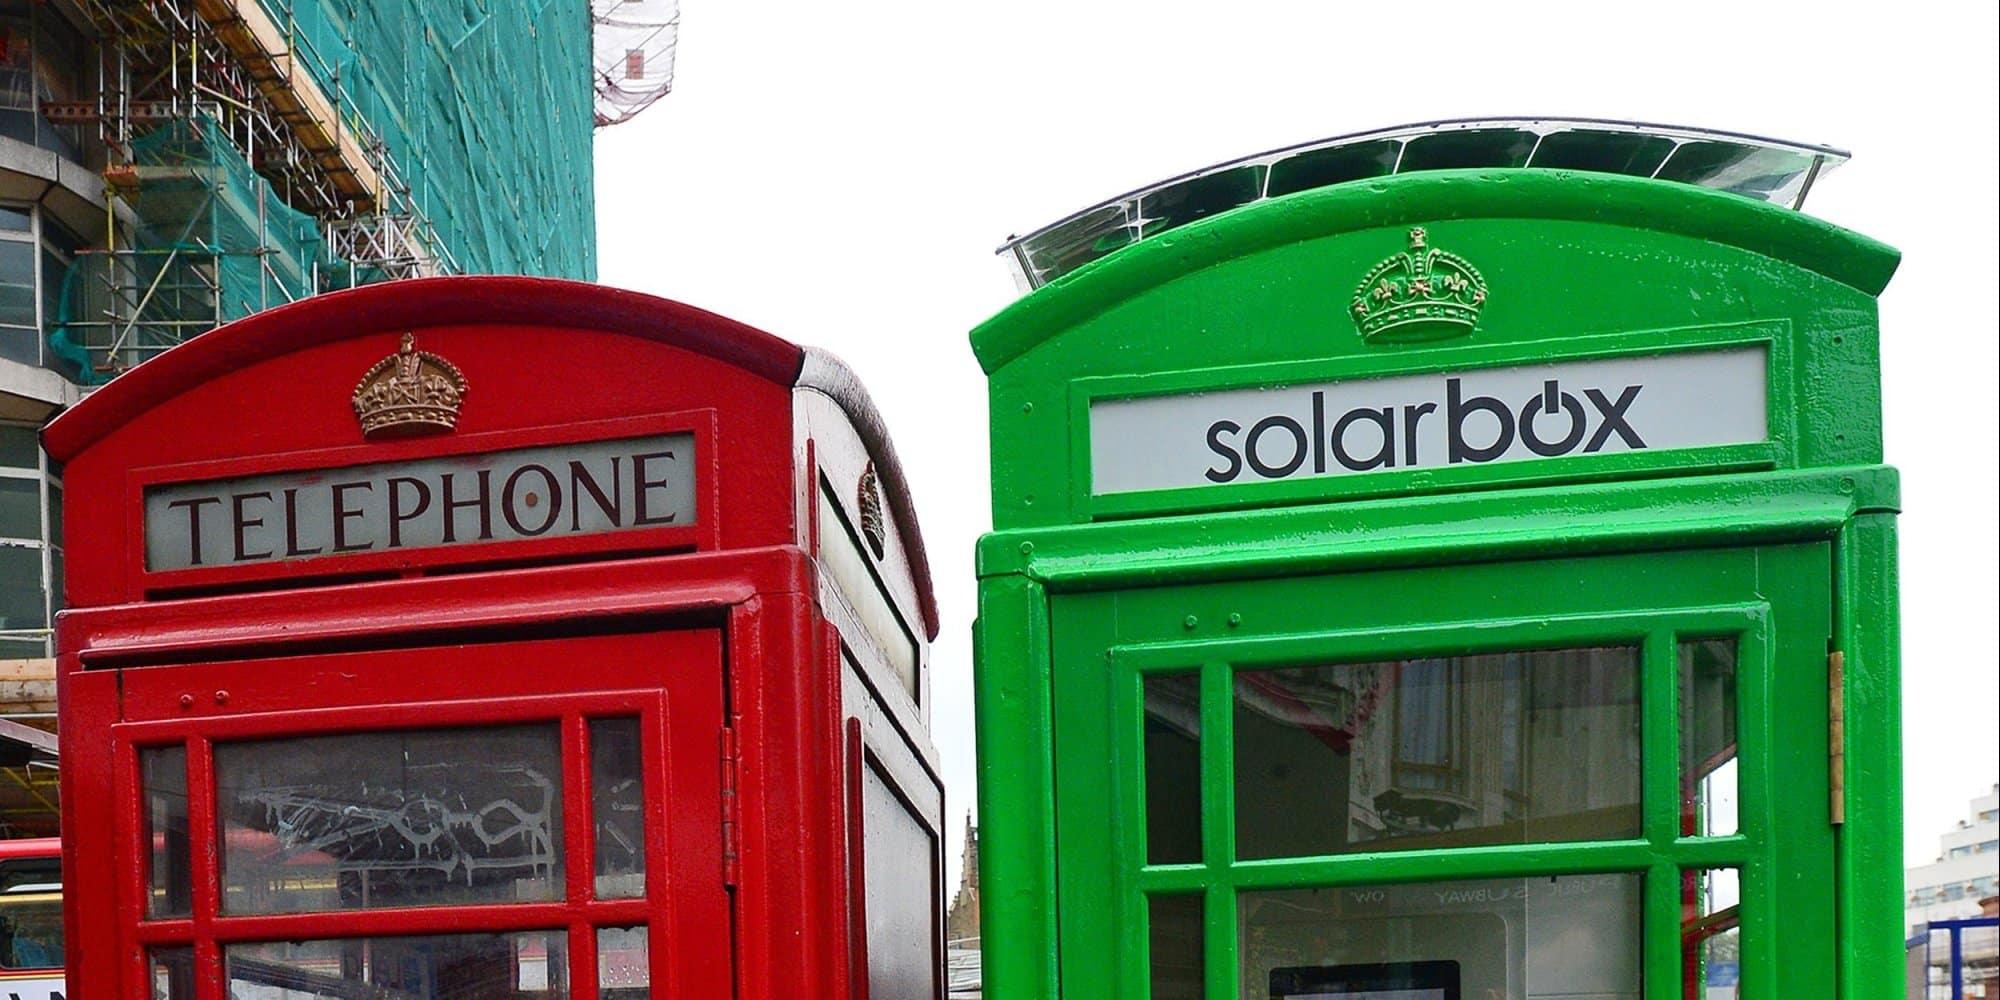 倫敦招牌電話亭